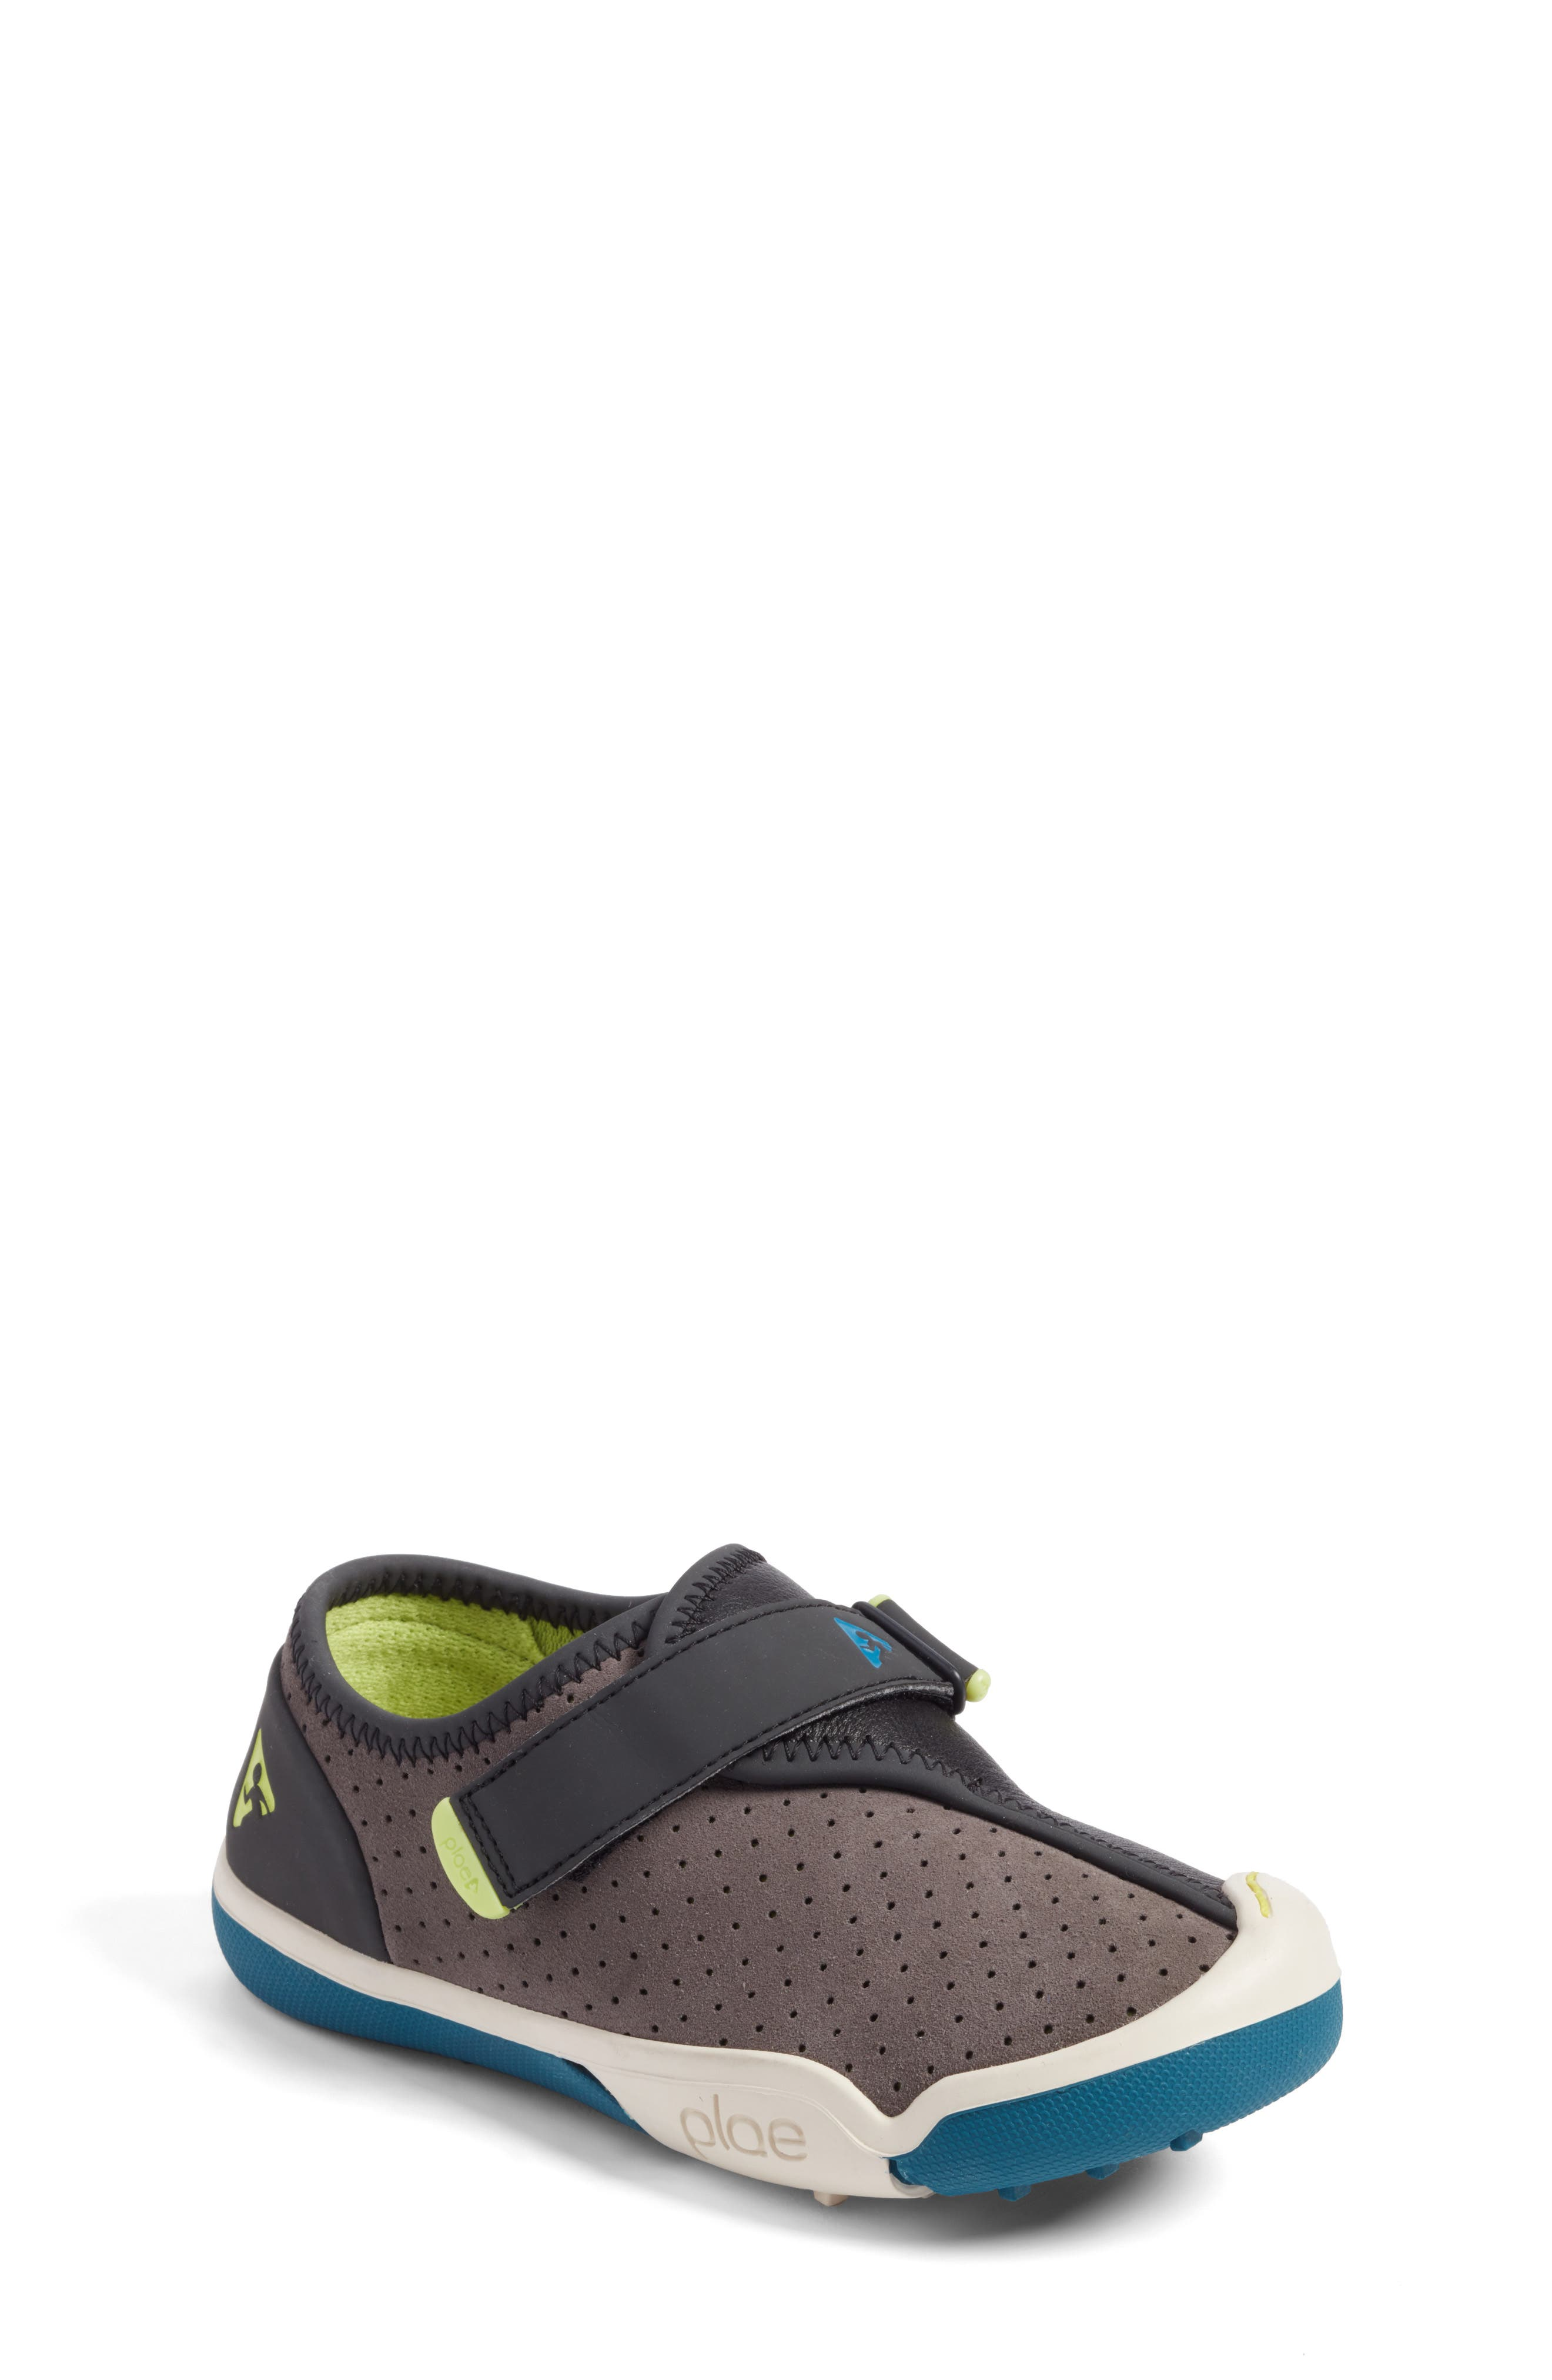 Cam Perforated Sneaker,                             Main thumbnail 1, color,                             Lunar Grey